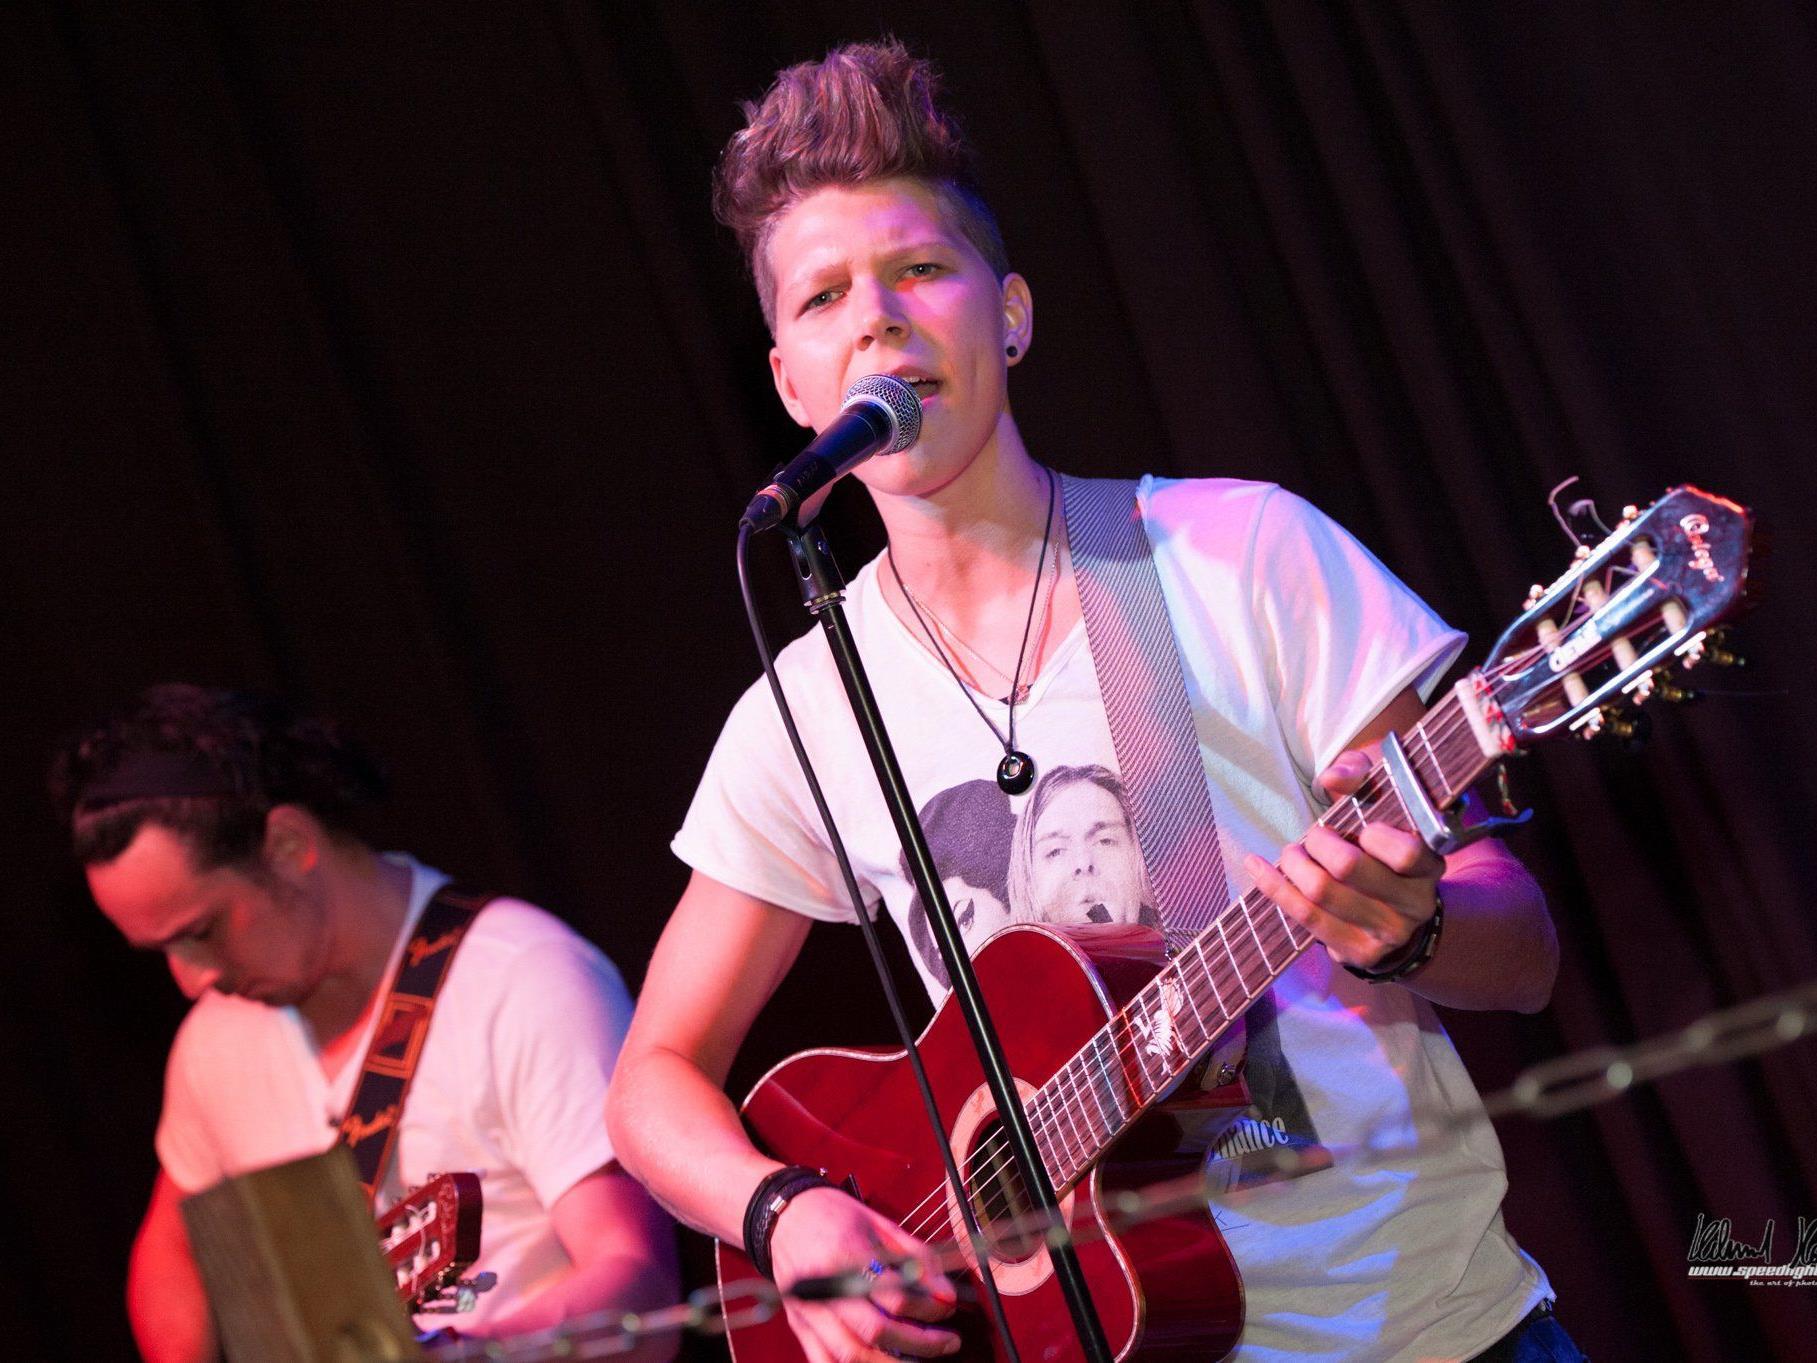 Am 17. Dezember tritt Virginia Ernst im Wiener Hard Rock Cafe auf.